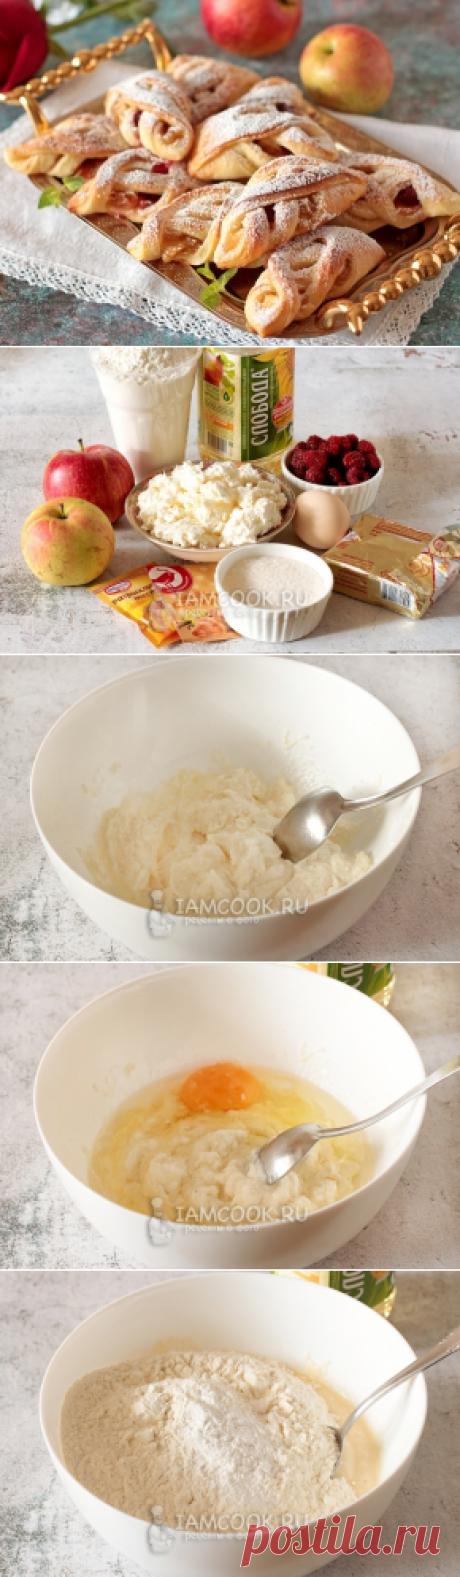 Творожные плетенки с яблоками и ягодами — рецепт с фото пошагово